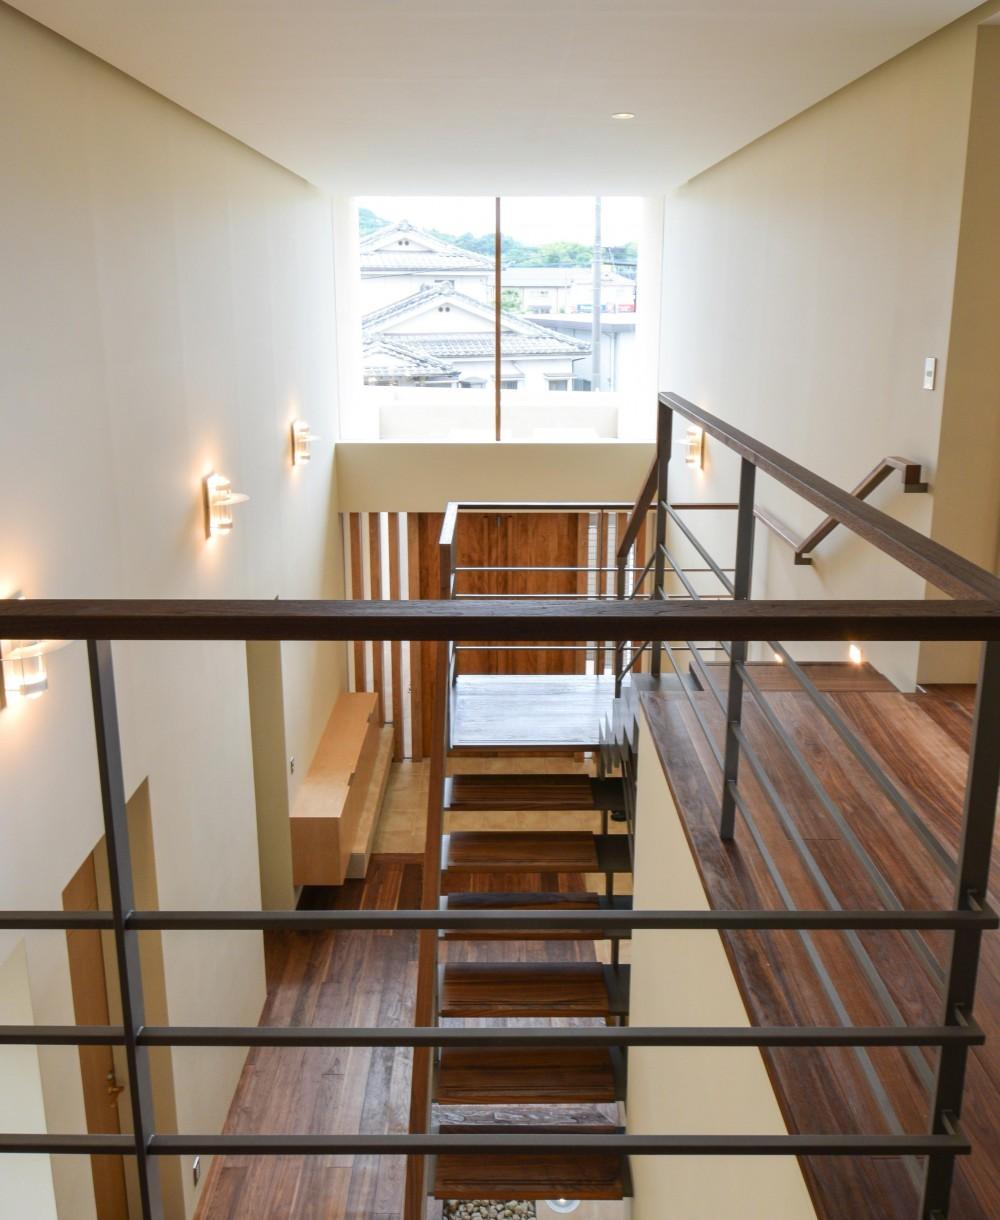 伊集院の住宅 (2階廊下より玄関吹抜けを見る)